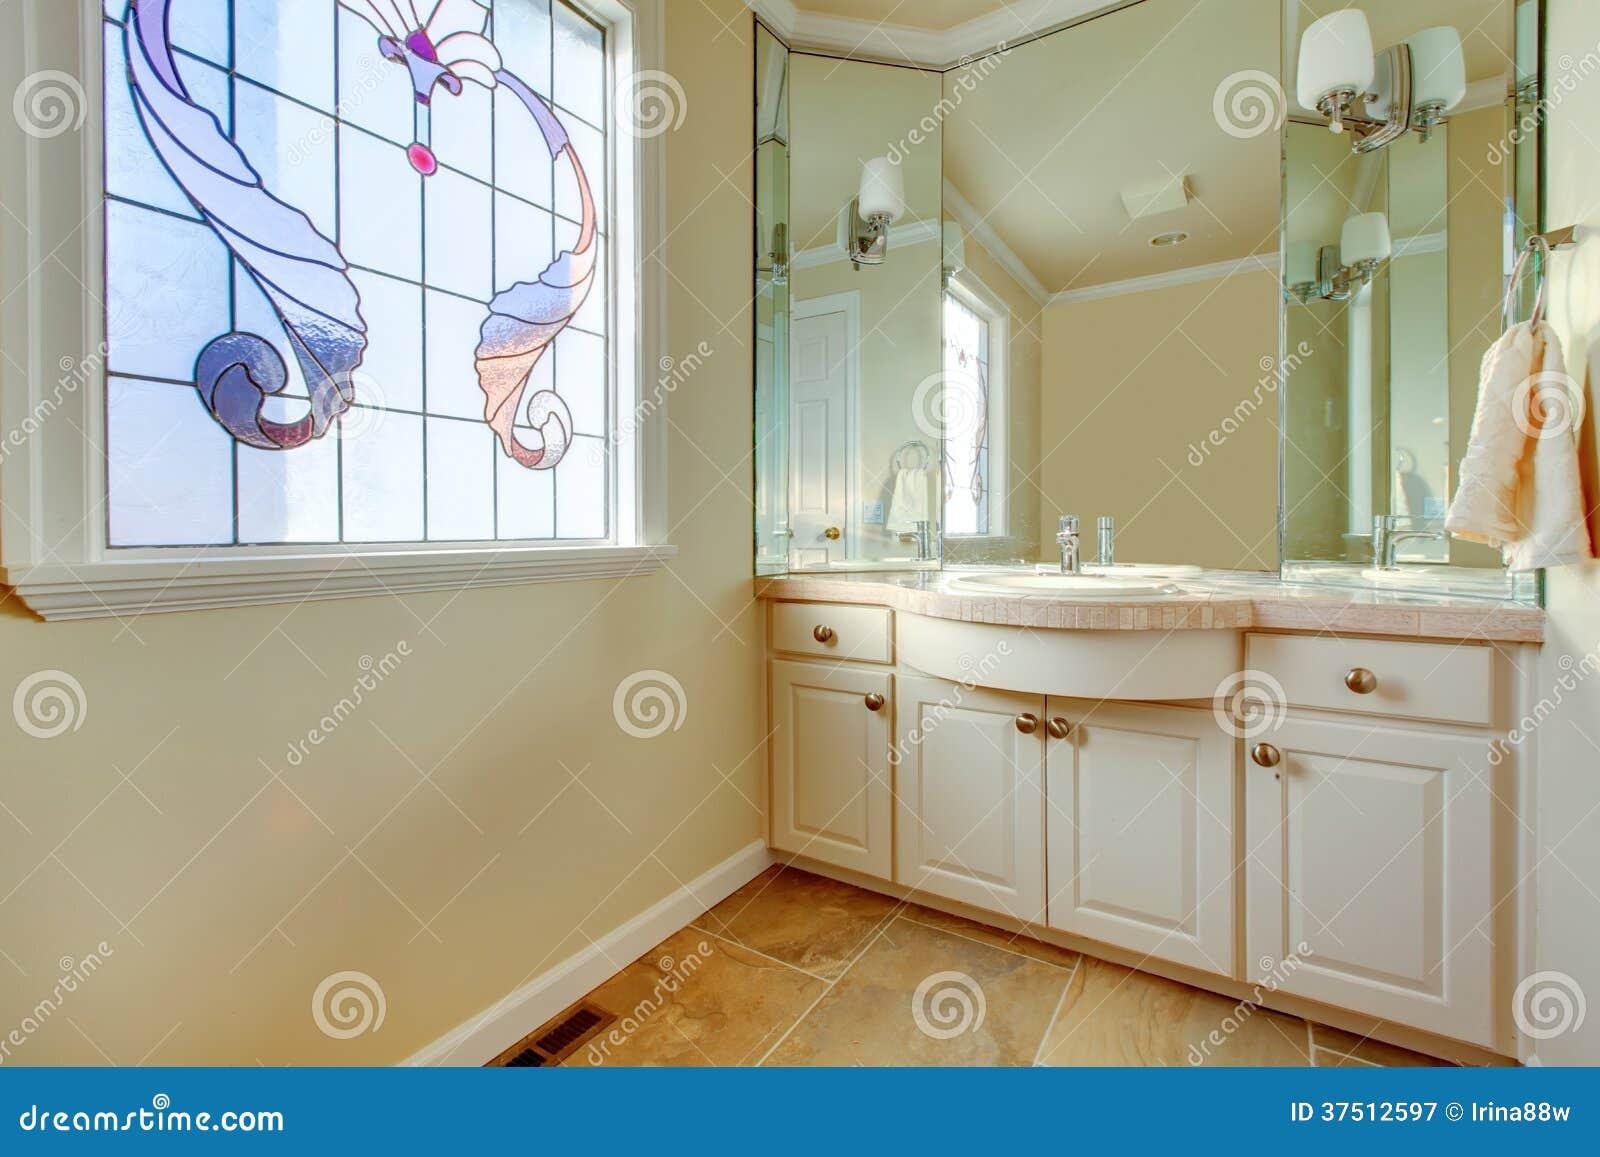 de armazenamento do marfim o espelho grande e a janela projetada #753F11 1300x957 Banheiro Com Janela Grande